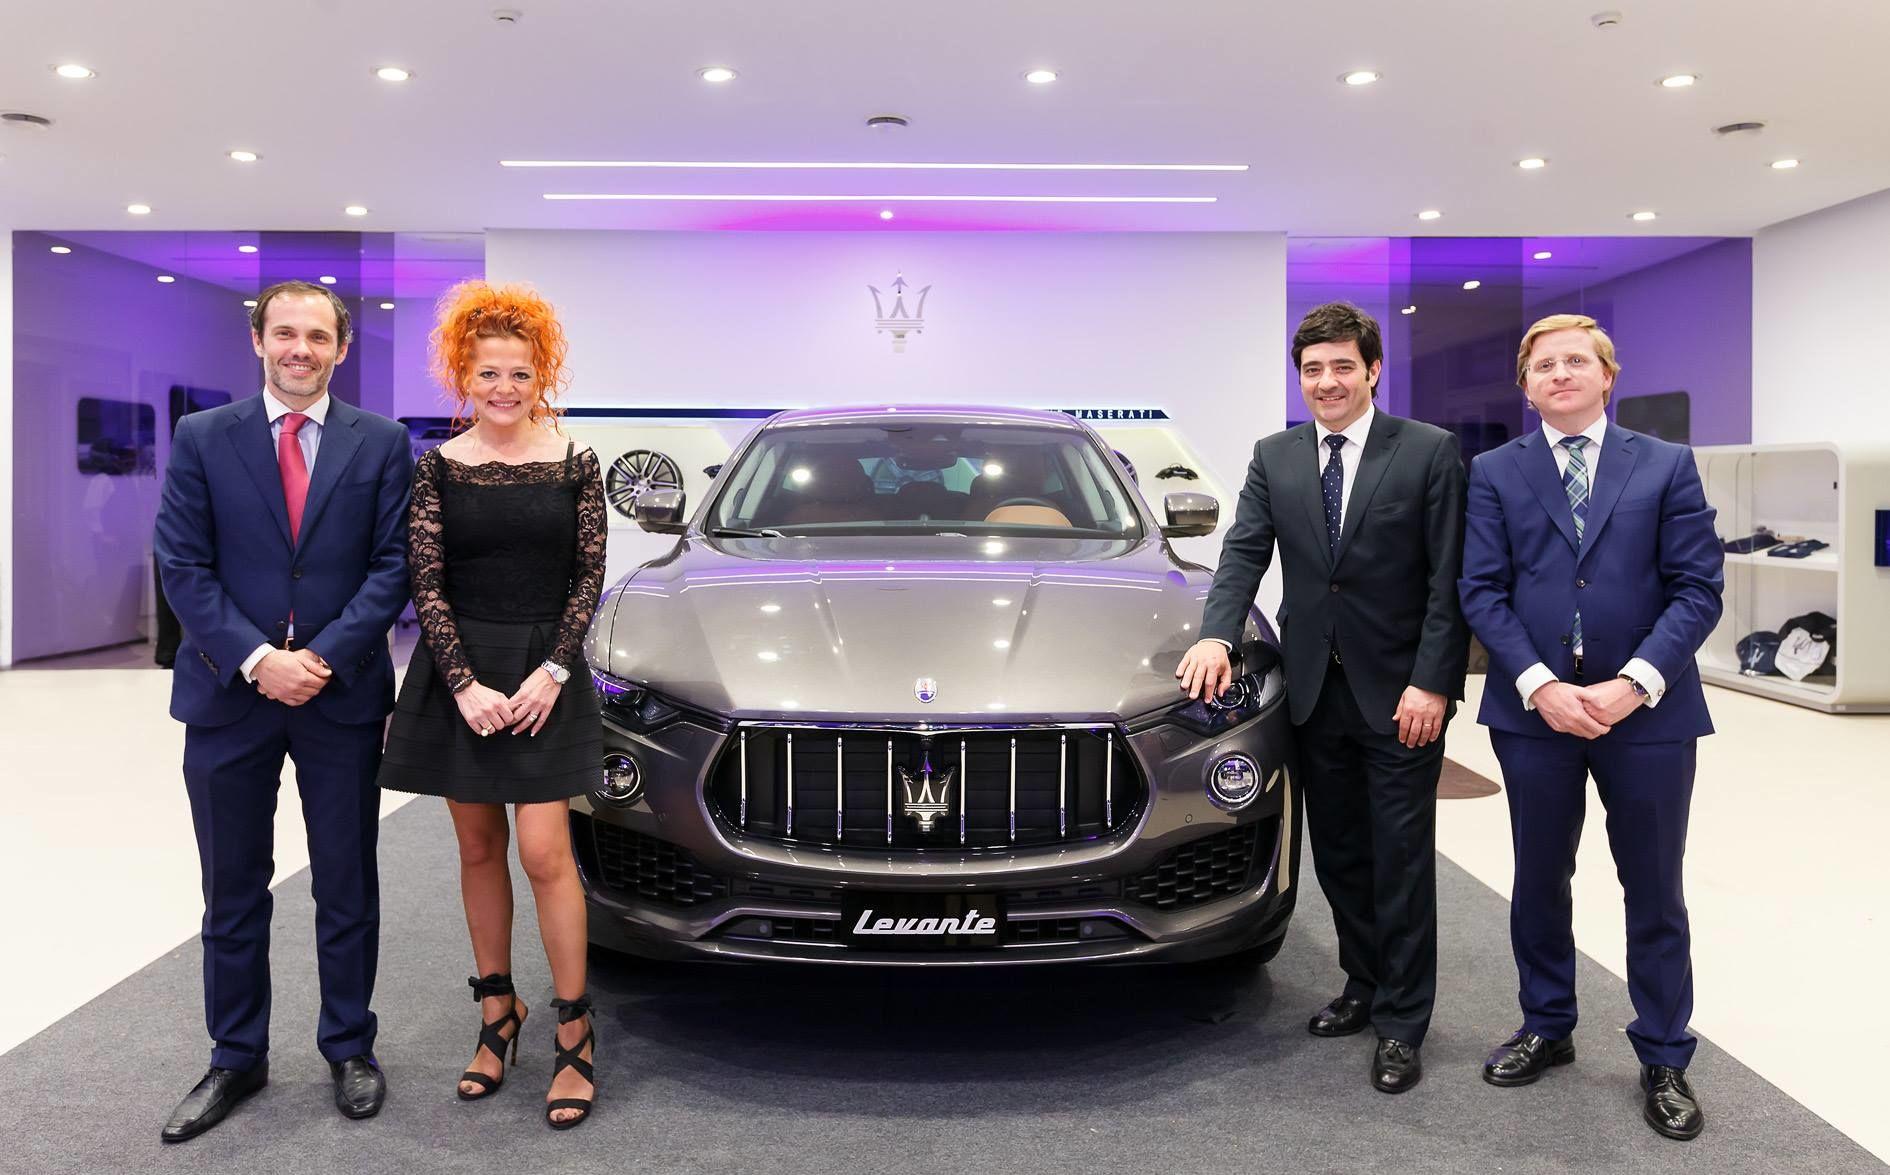 Inauguración de Terry Gallery, nuevo concesionario Maserati en Sevilla y presentación del nuevo Maserati Levante.